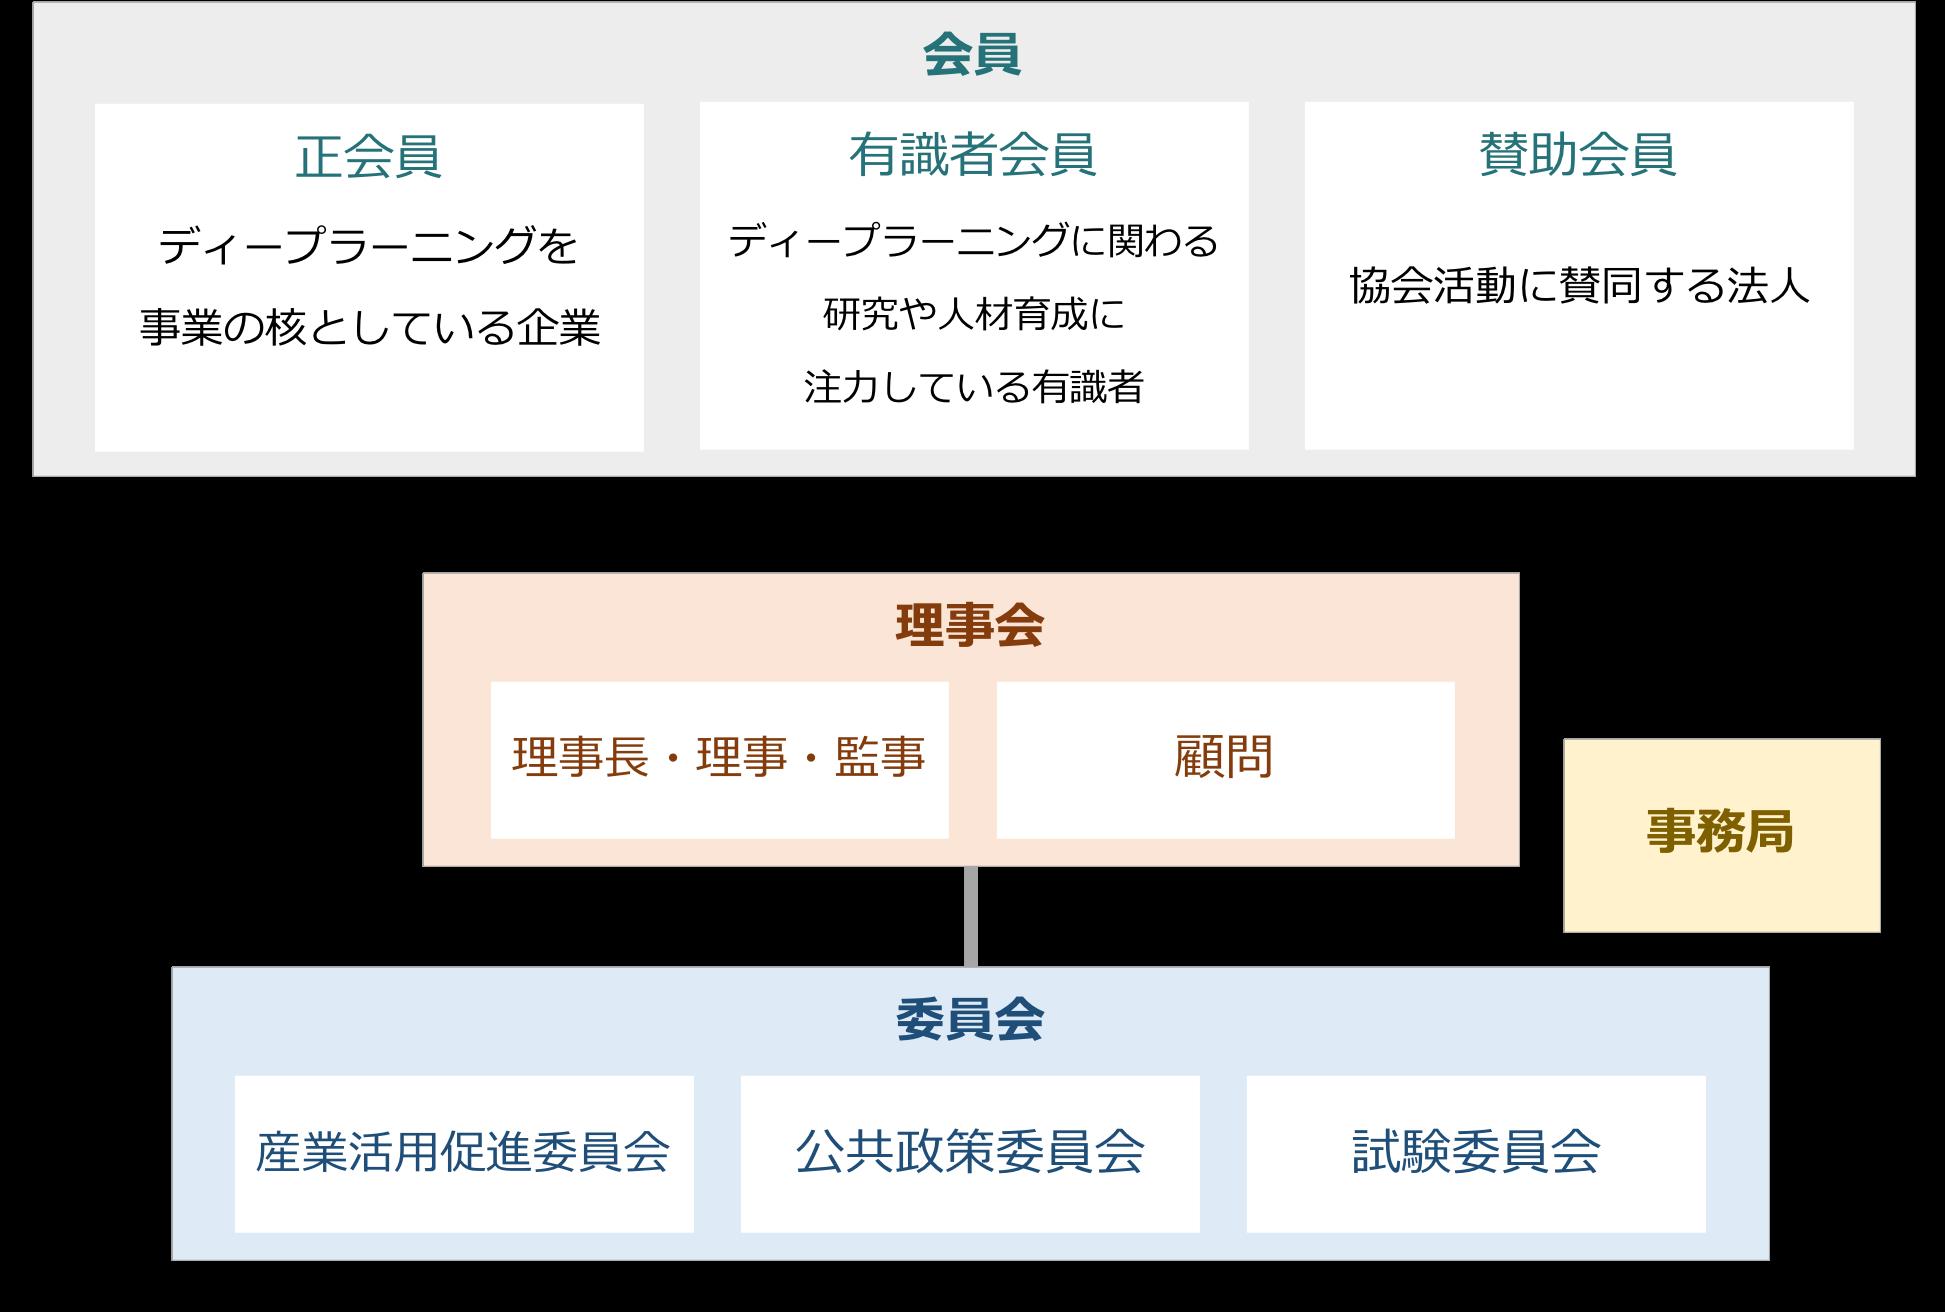 協会について 一般社団法人 日本ディープラーニング協会 japan deep